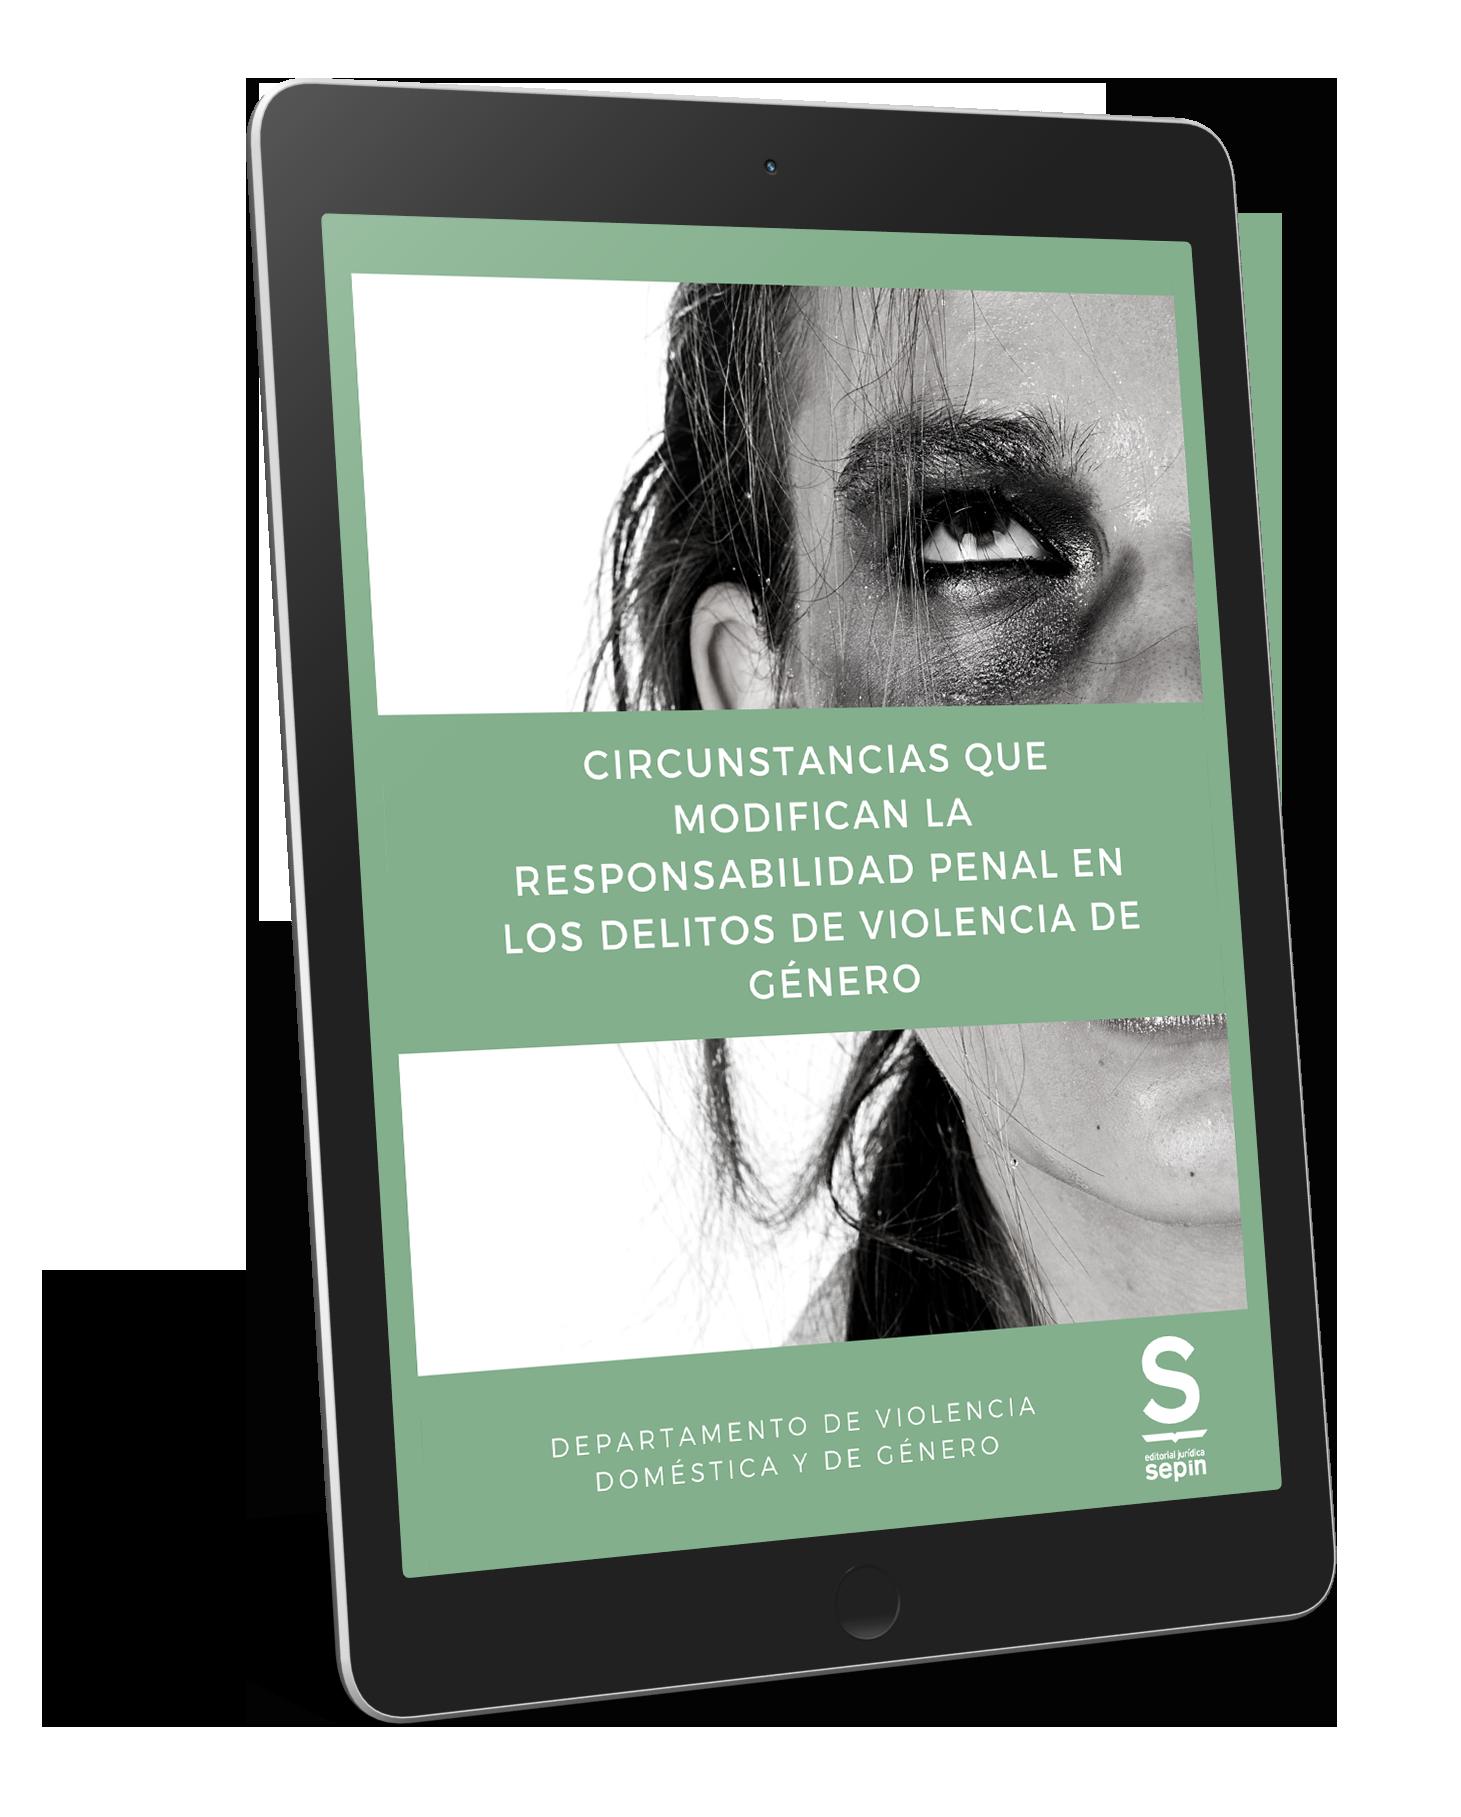 Ebook Circunstancias que modifican la responsabilidad penal en los delitos de violencia de género